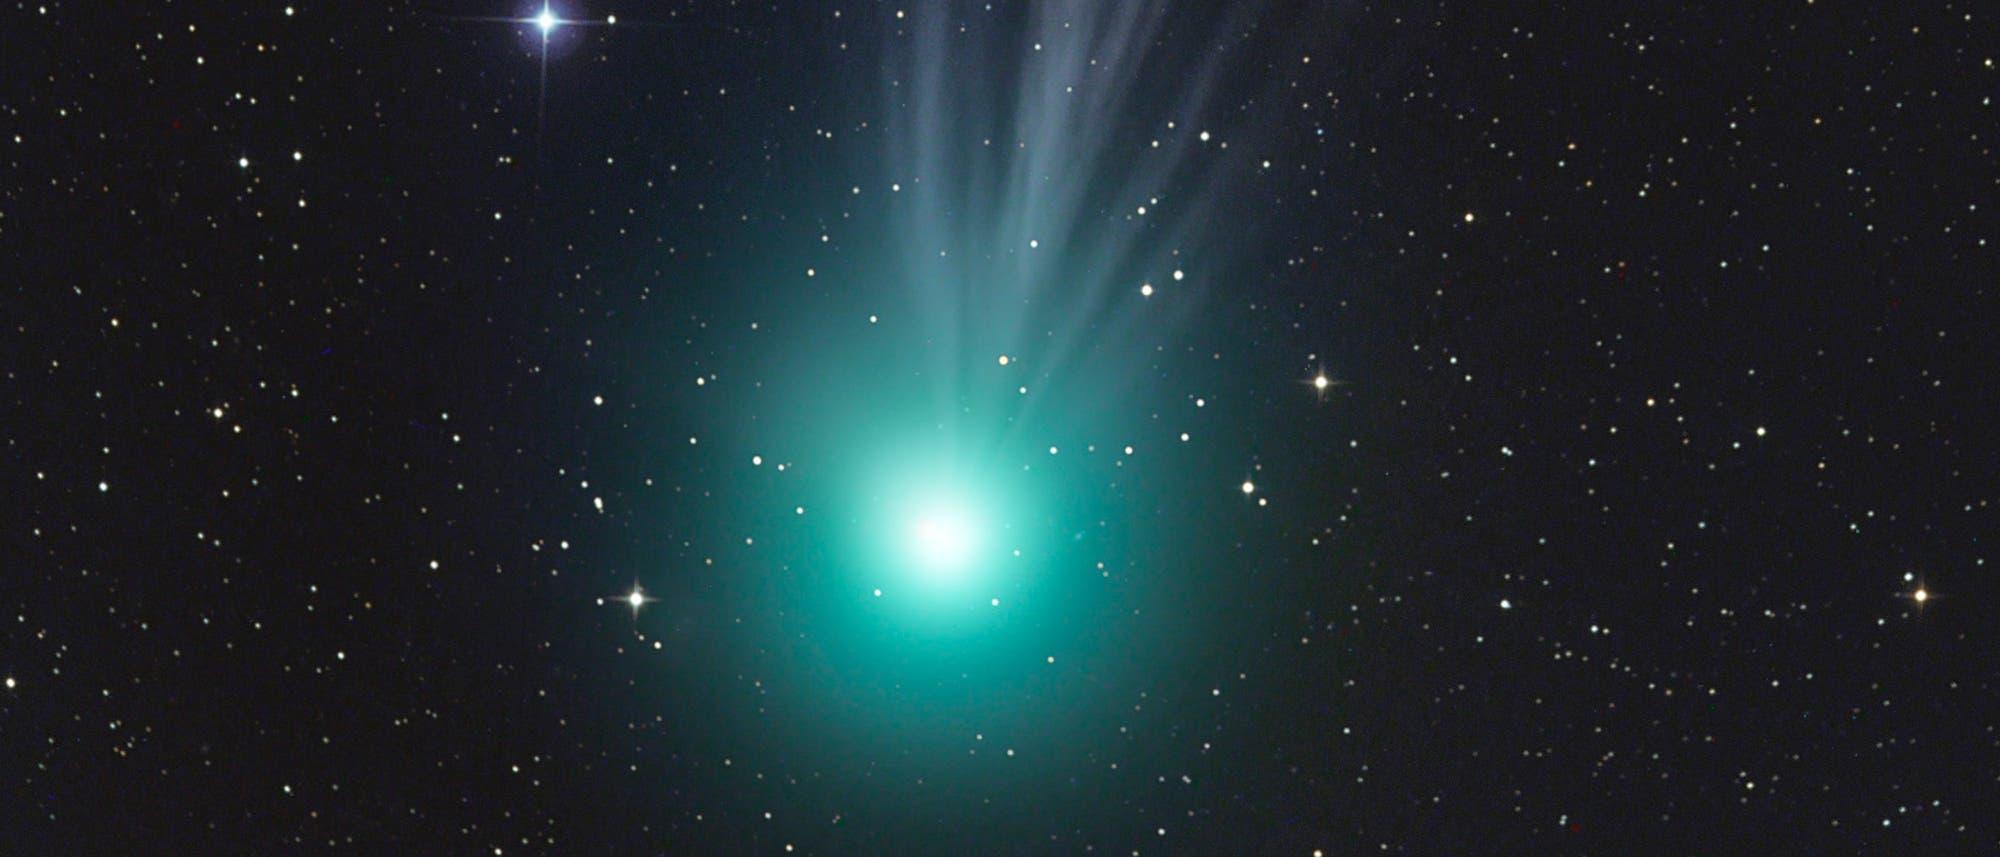 Komet C/2014Q2 Lovejoy - fotografiert zwischen zwei Wolkenlücken von Gerald Rhemann.